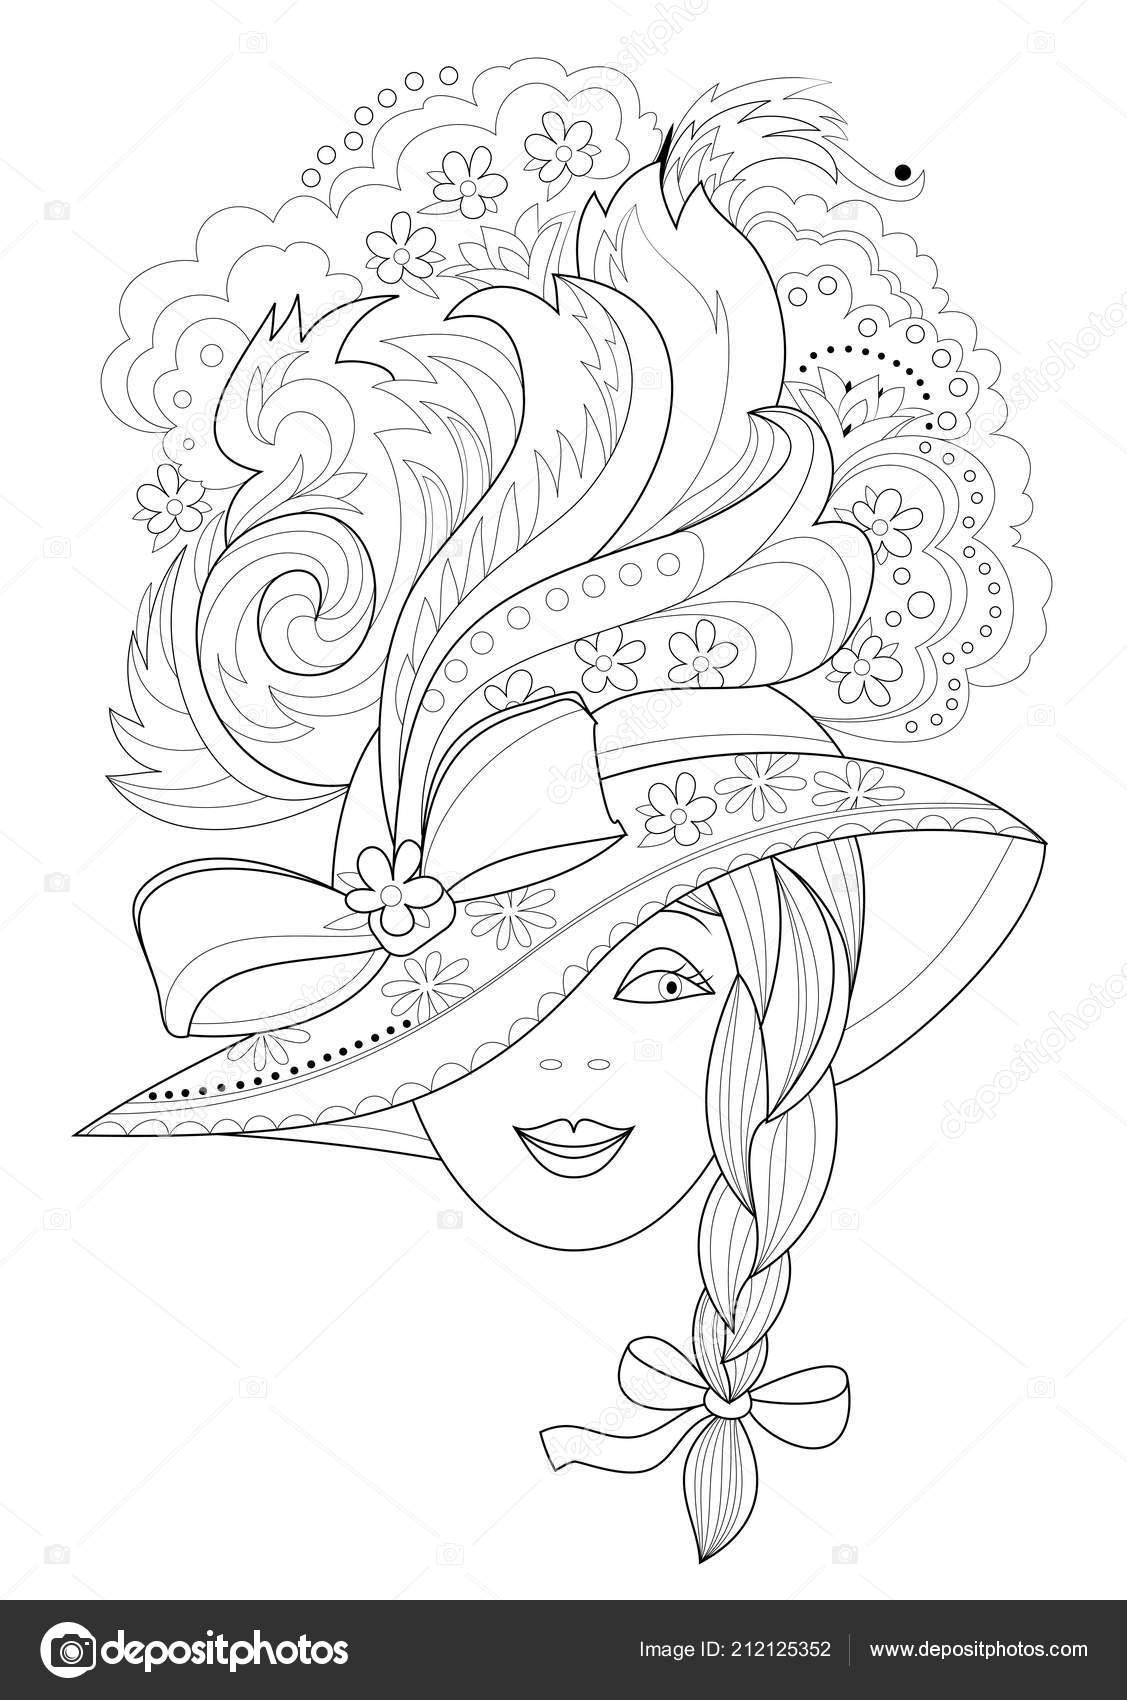 Black White Seite Zum Ausmalen Fantasy Zeichnen Von Schönen Mädchen